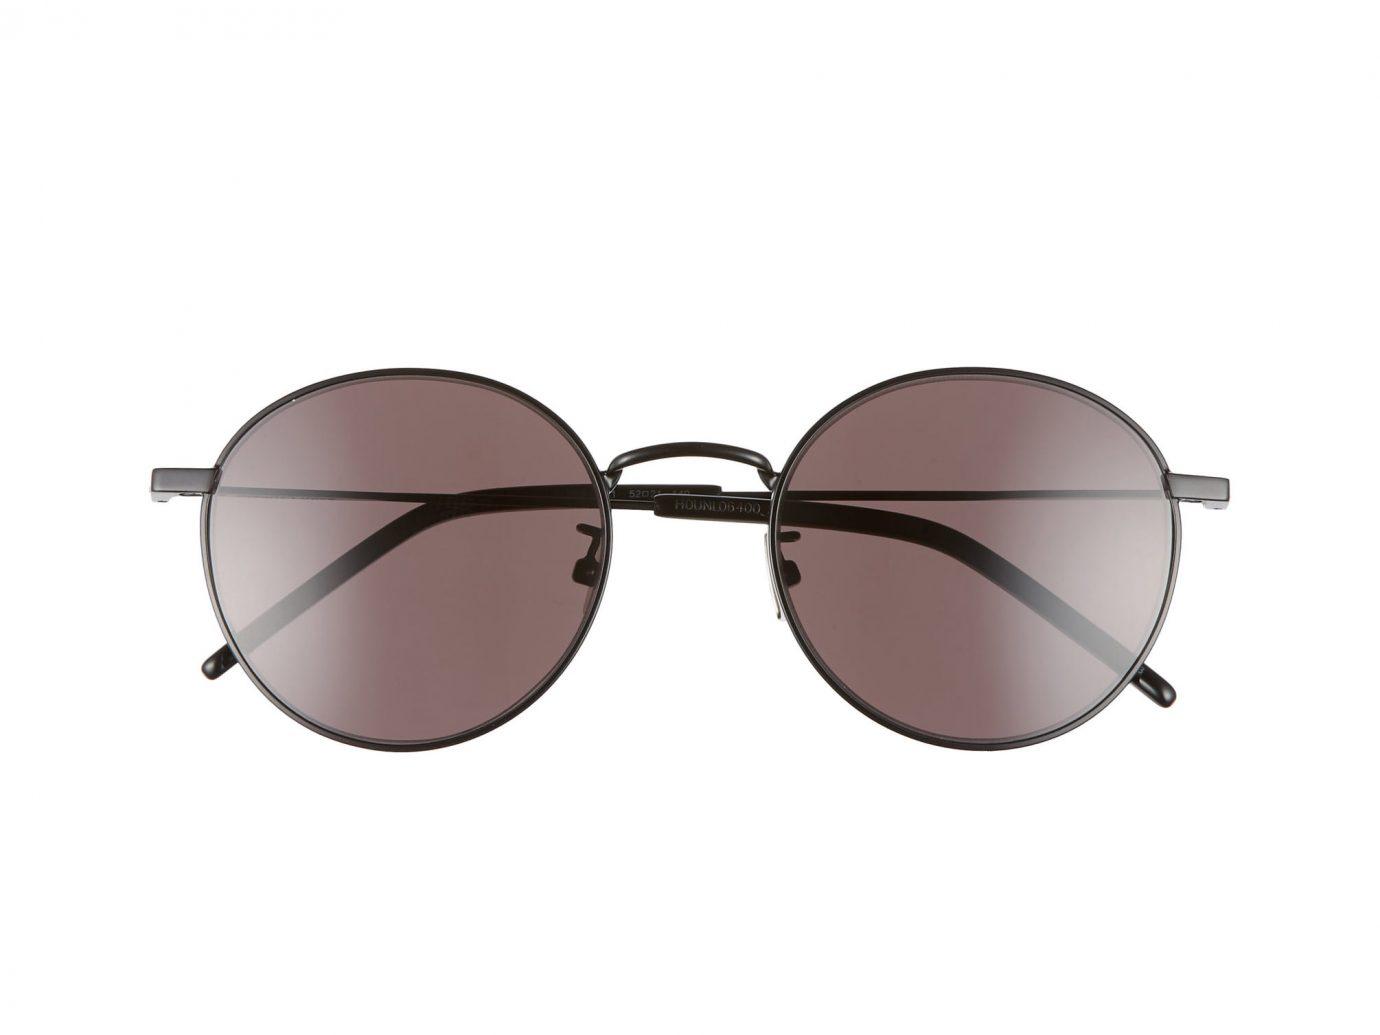 Saint Laurent SL 250 52mm Sunglasses